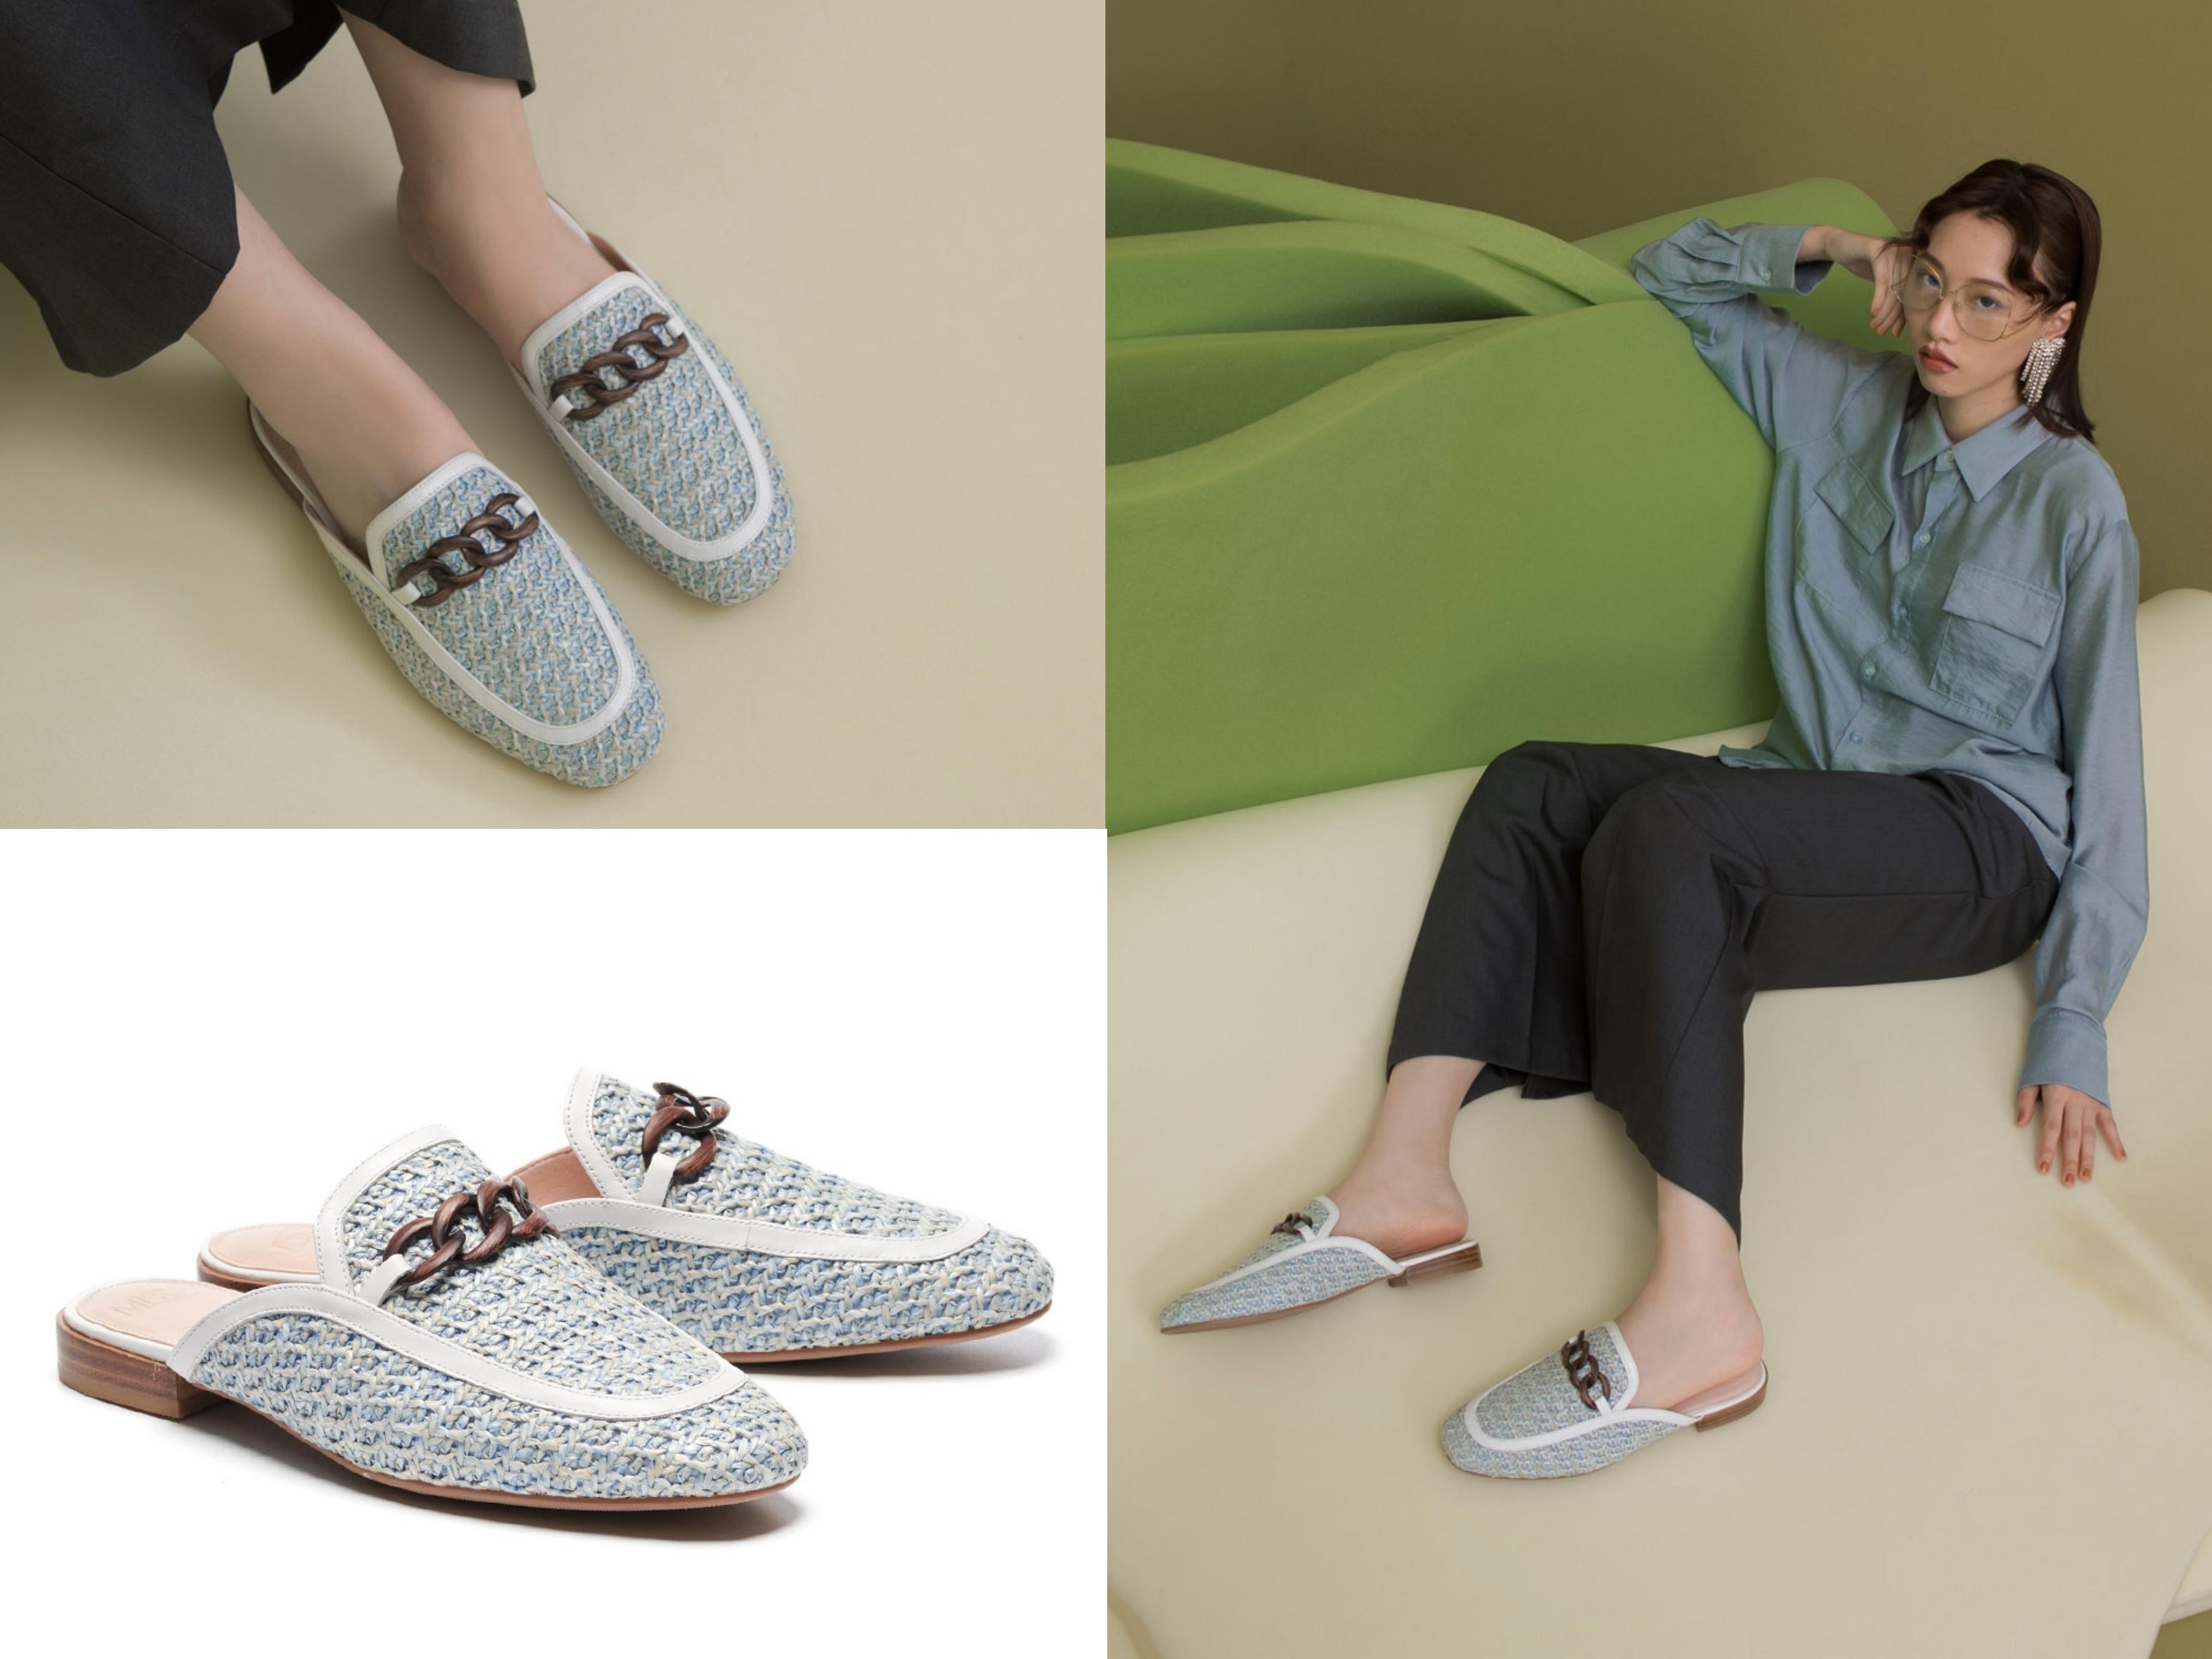 女孩鞋櫃必備的穆勒鞋以草編的注入,無疑將春夏元素與流行單品完美結合